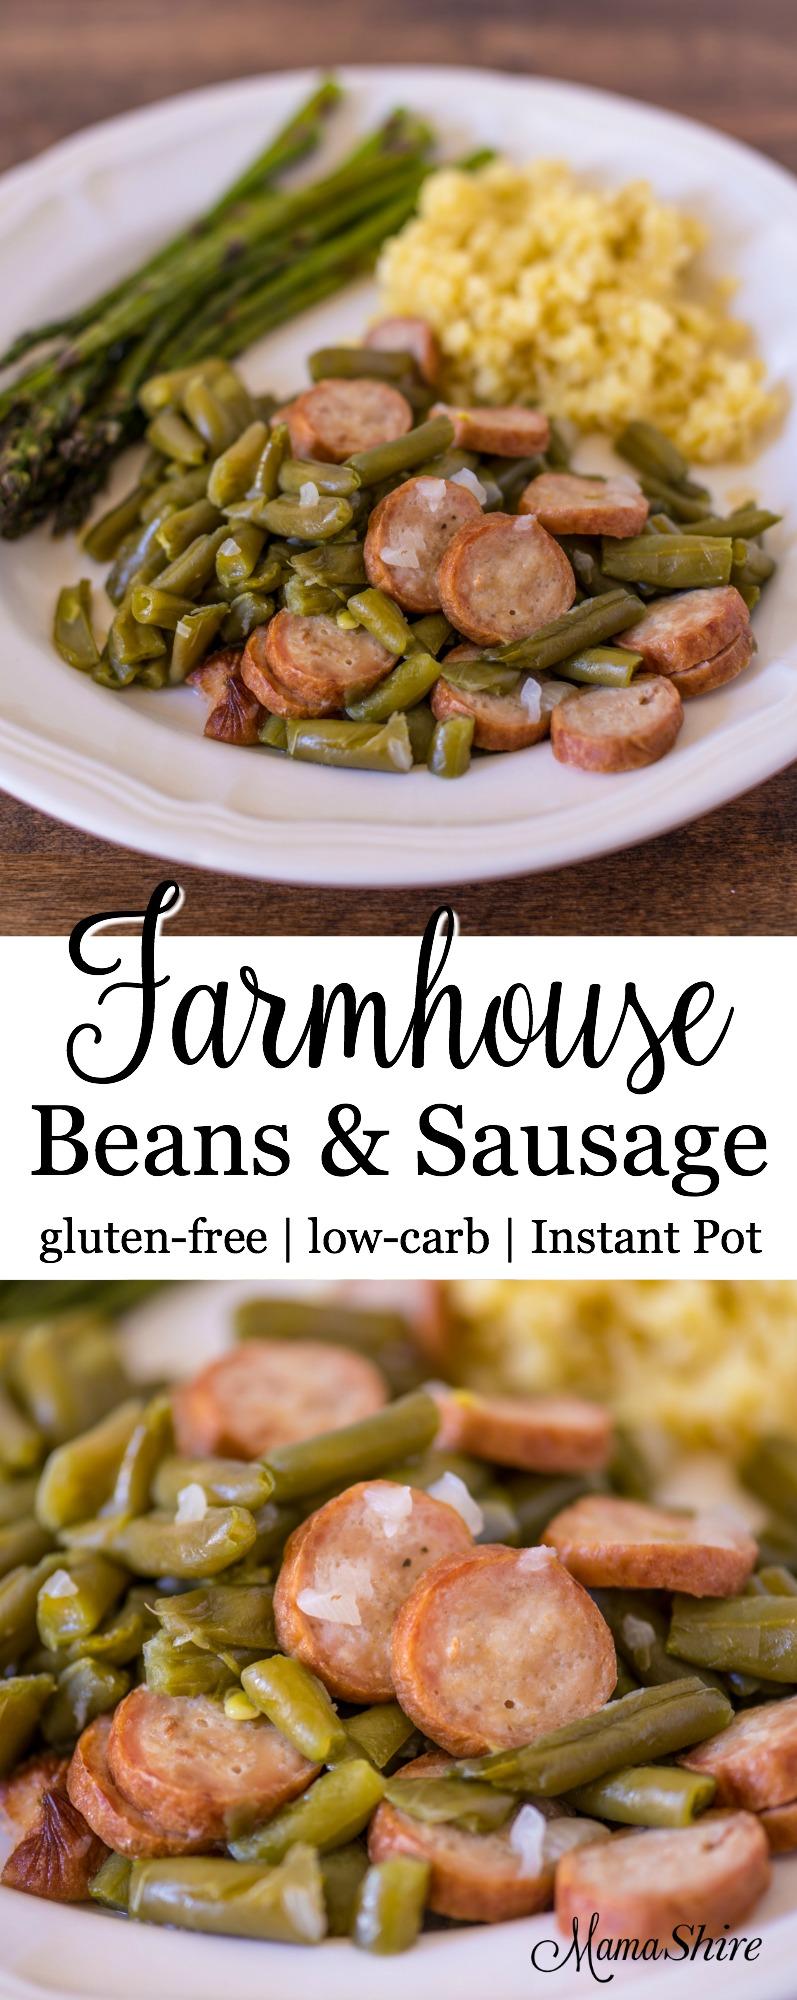 Farmhouse Beans & Sausage - Gluten-free, Low-carb, Instant Pot